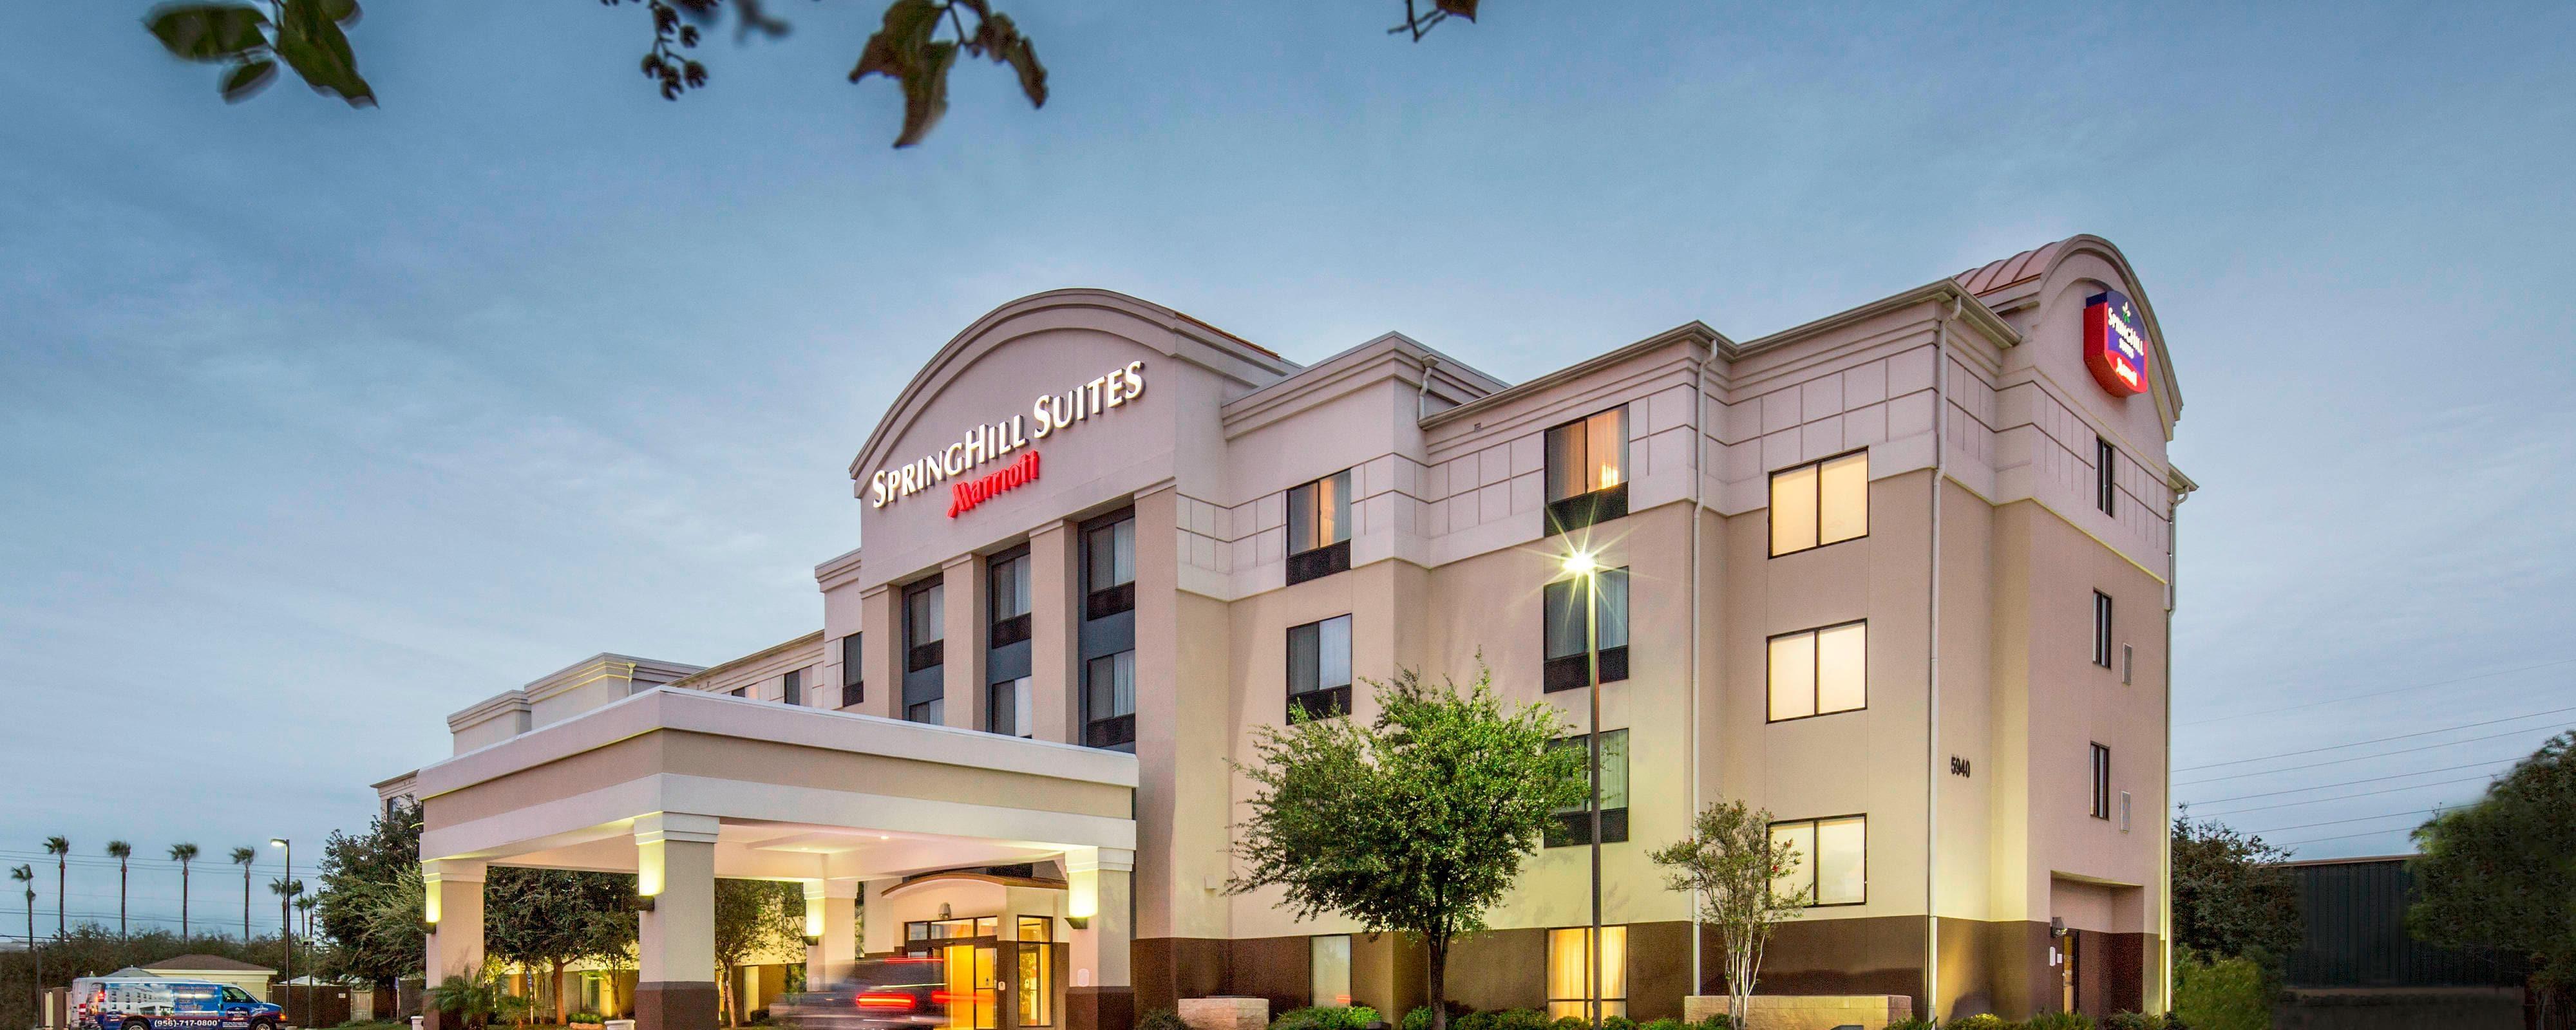 suite style hotel laredo tx springhill suites laredo rh marriott com